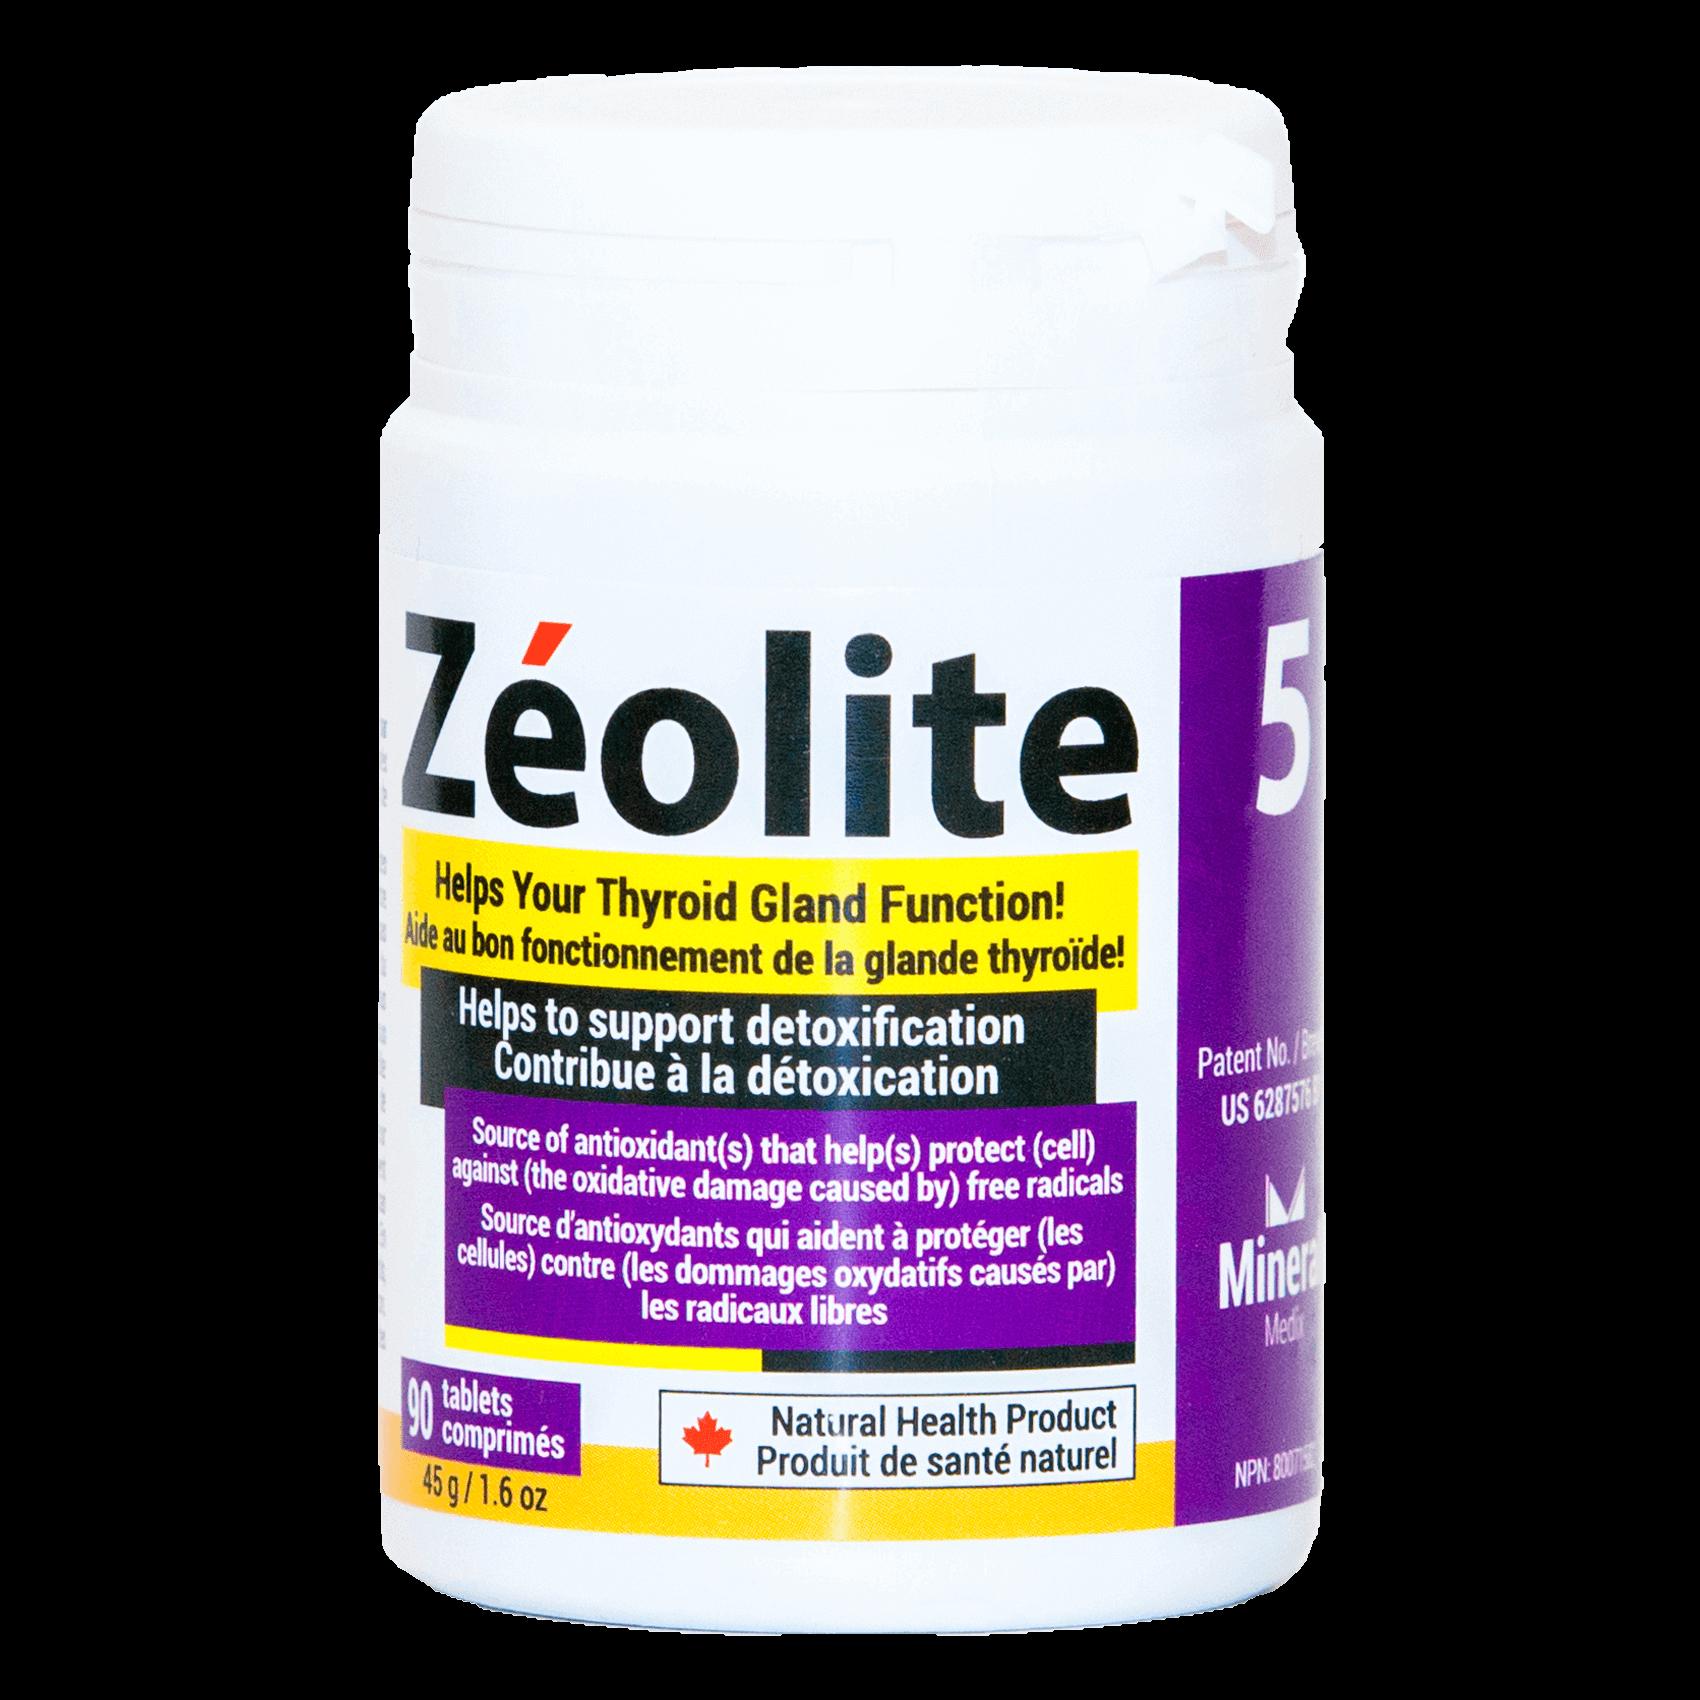 zeolite5